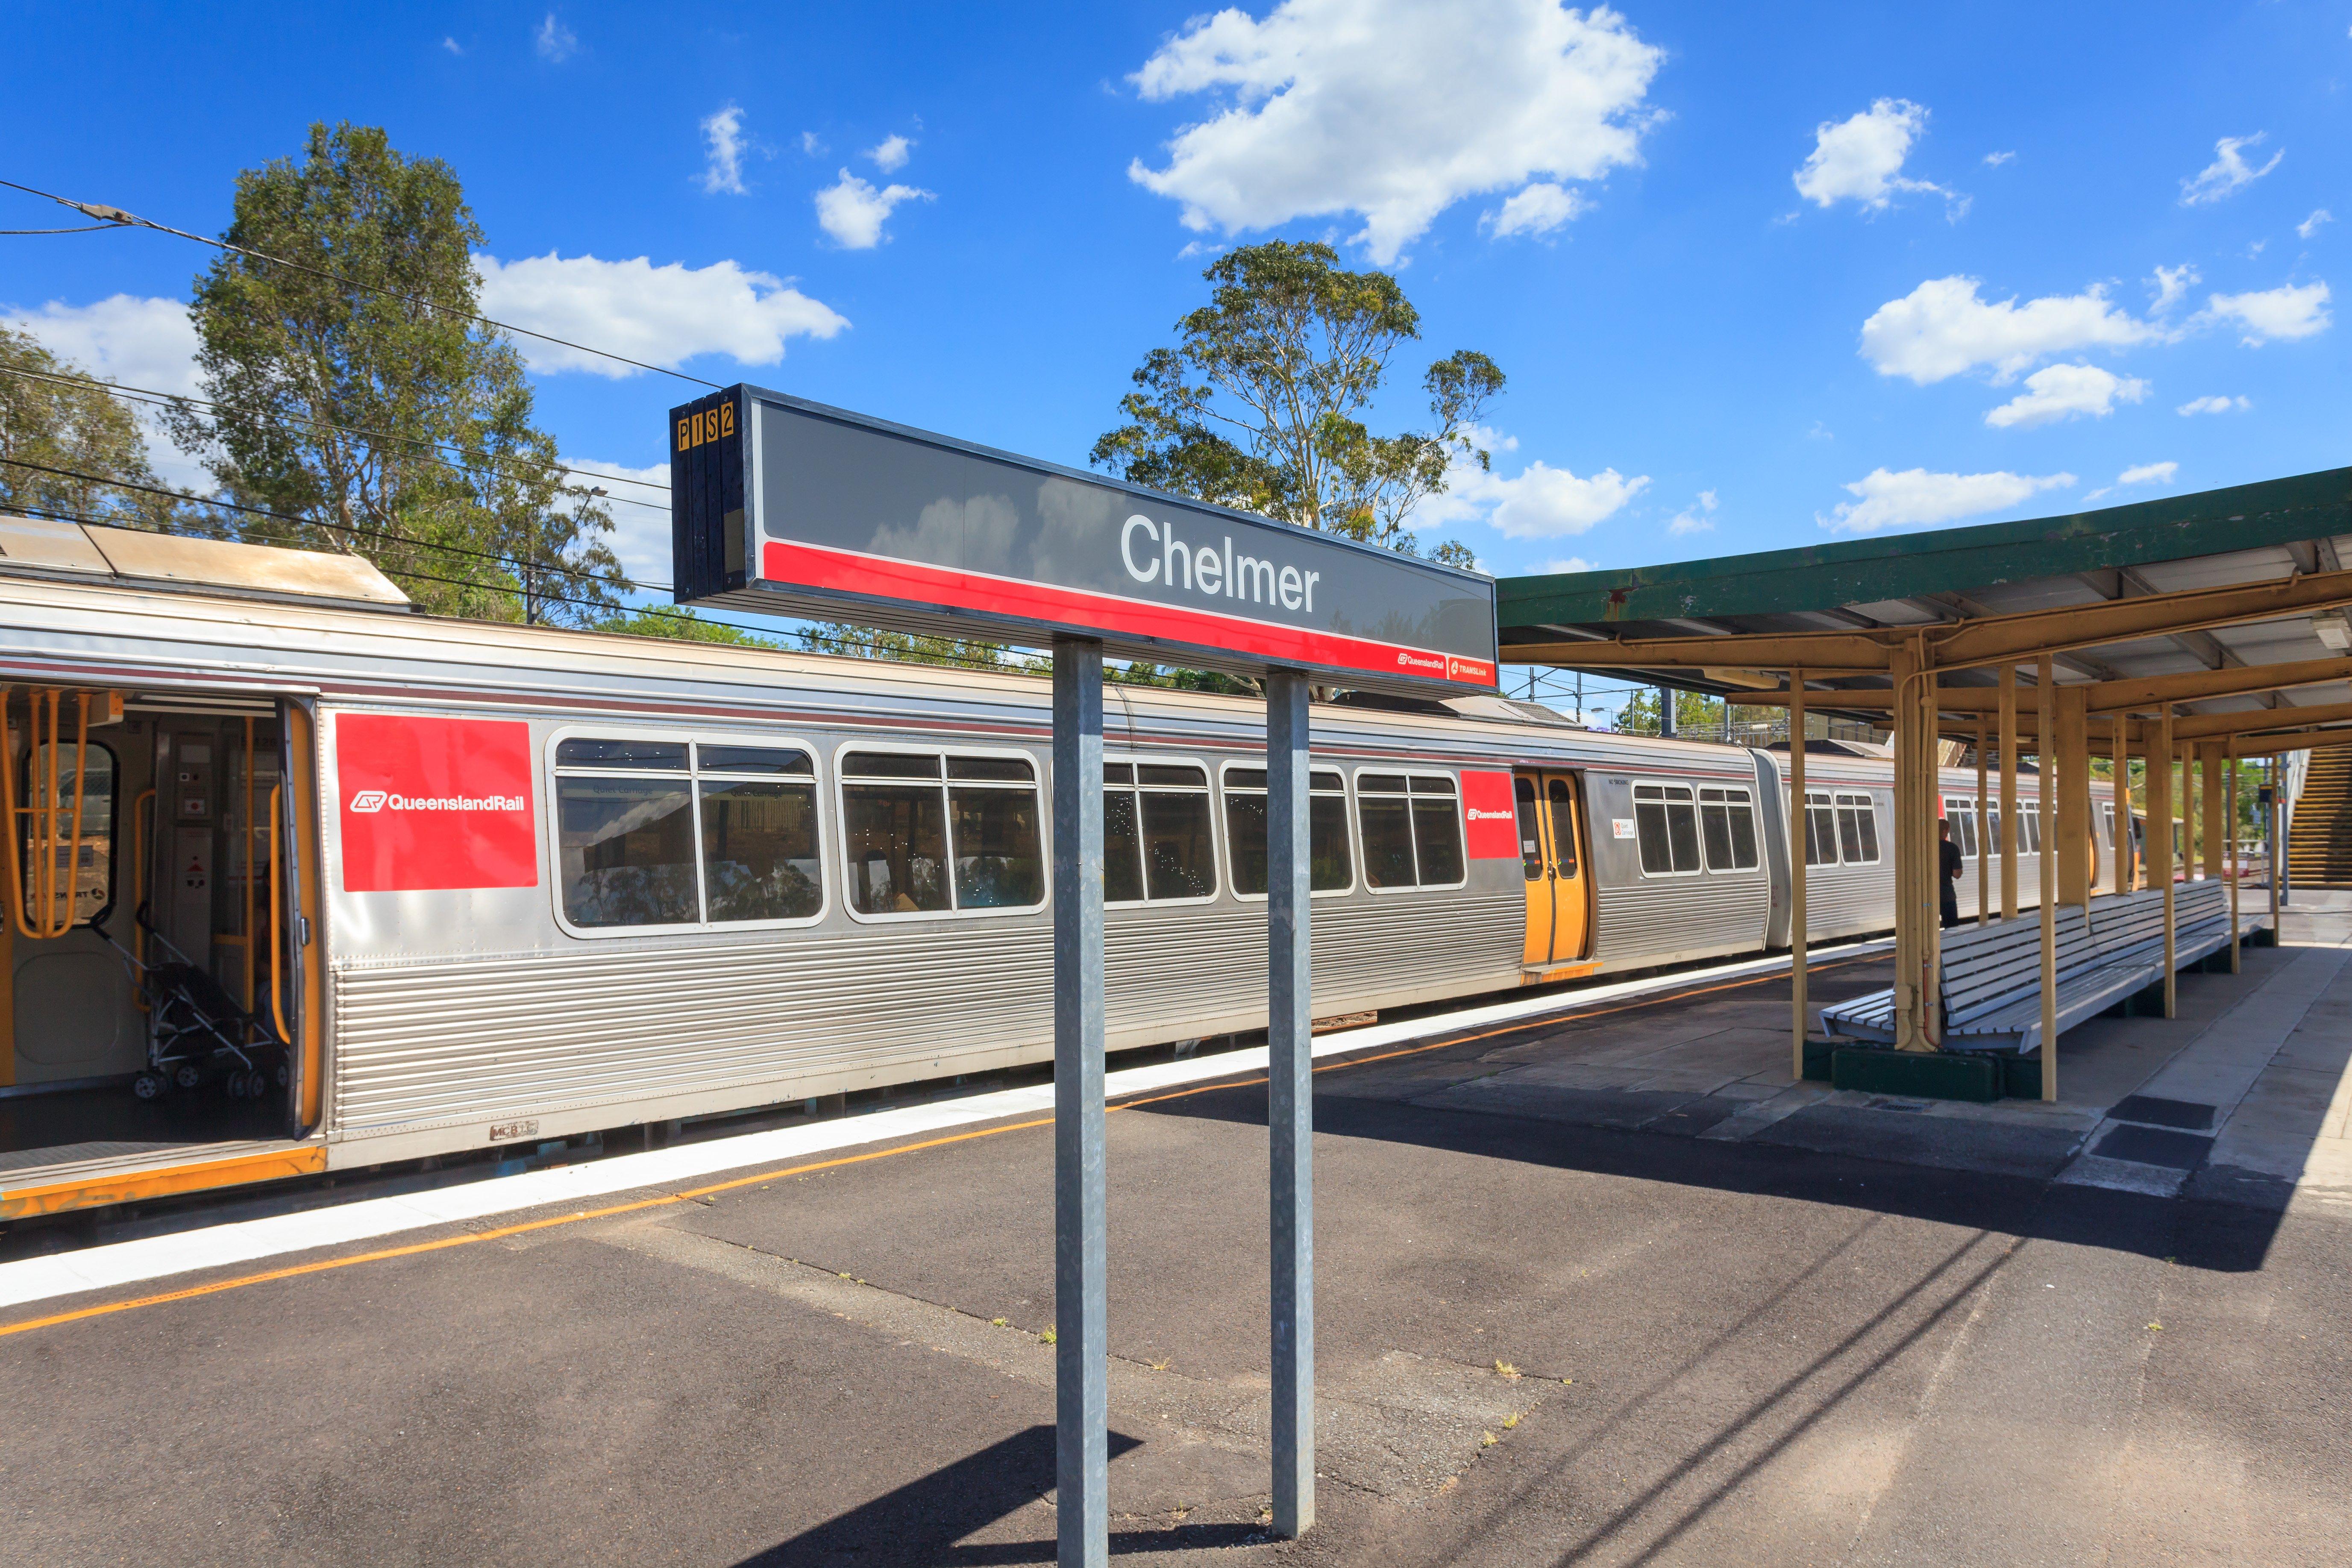 Chelmer Train station